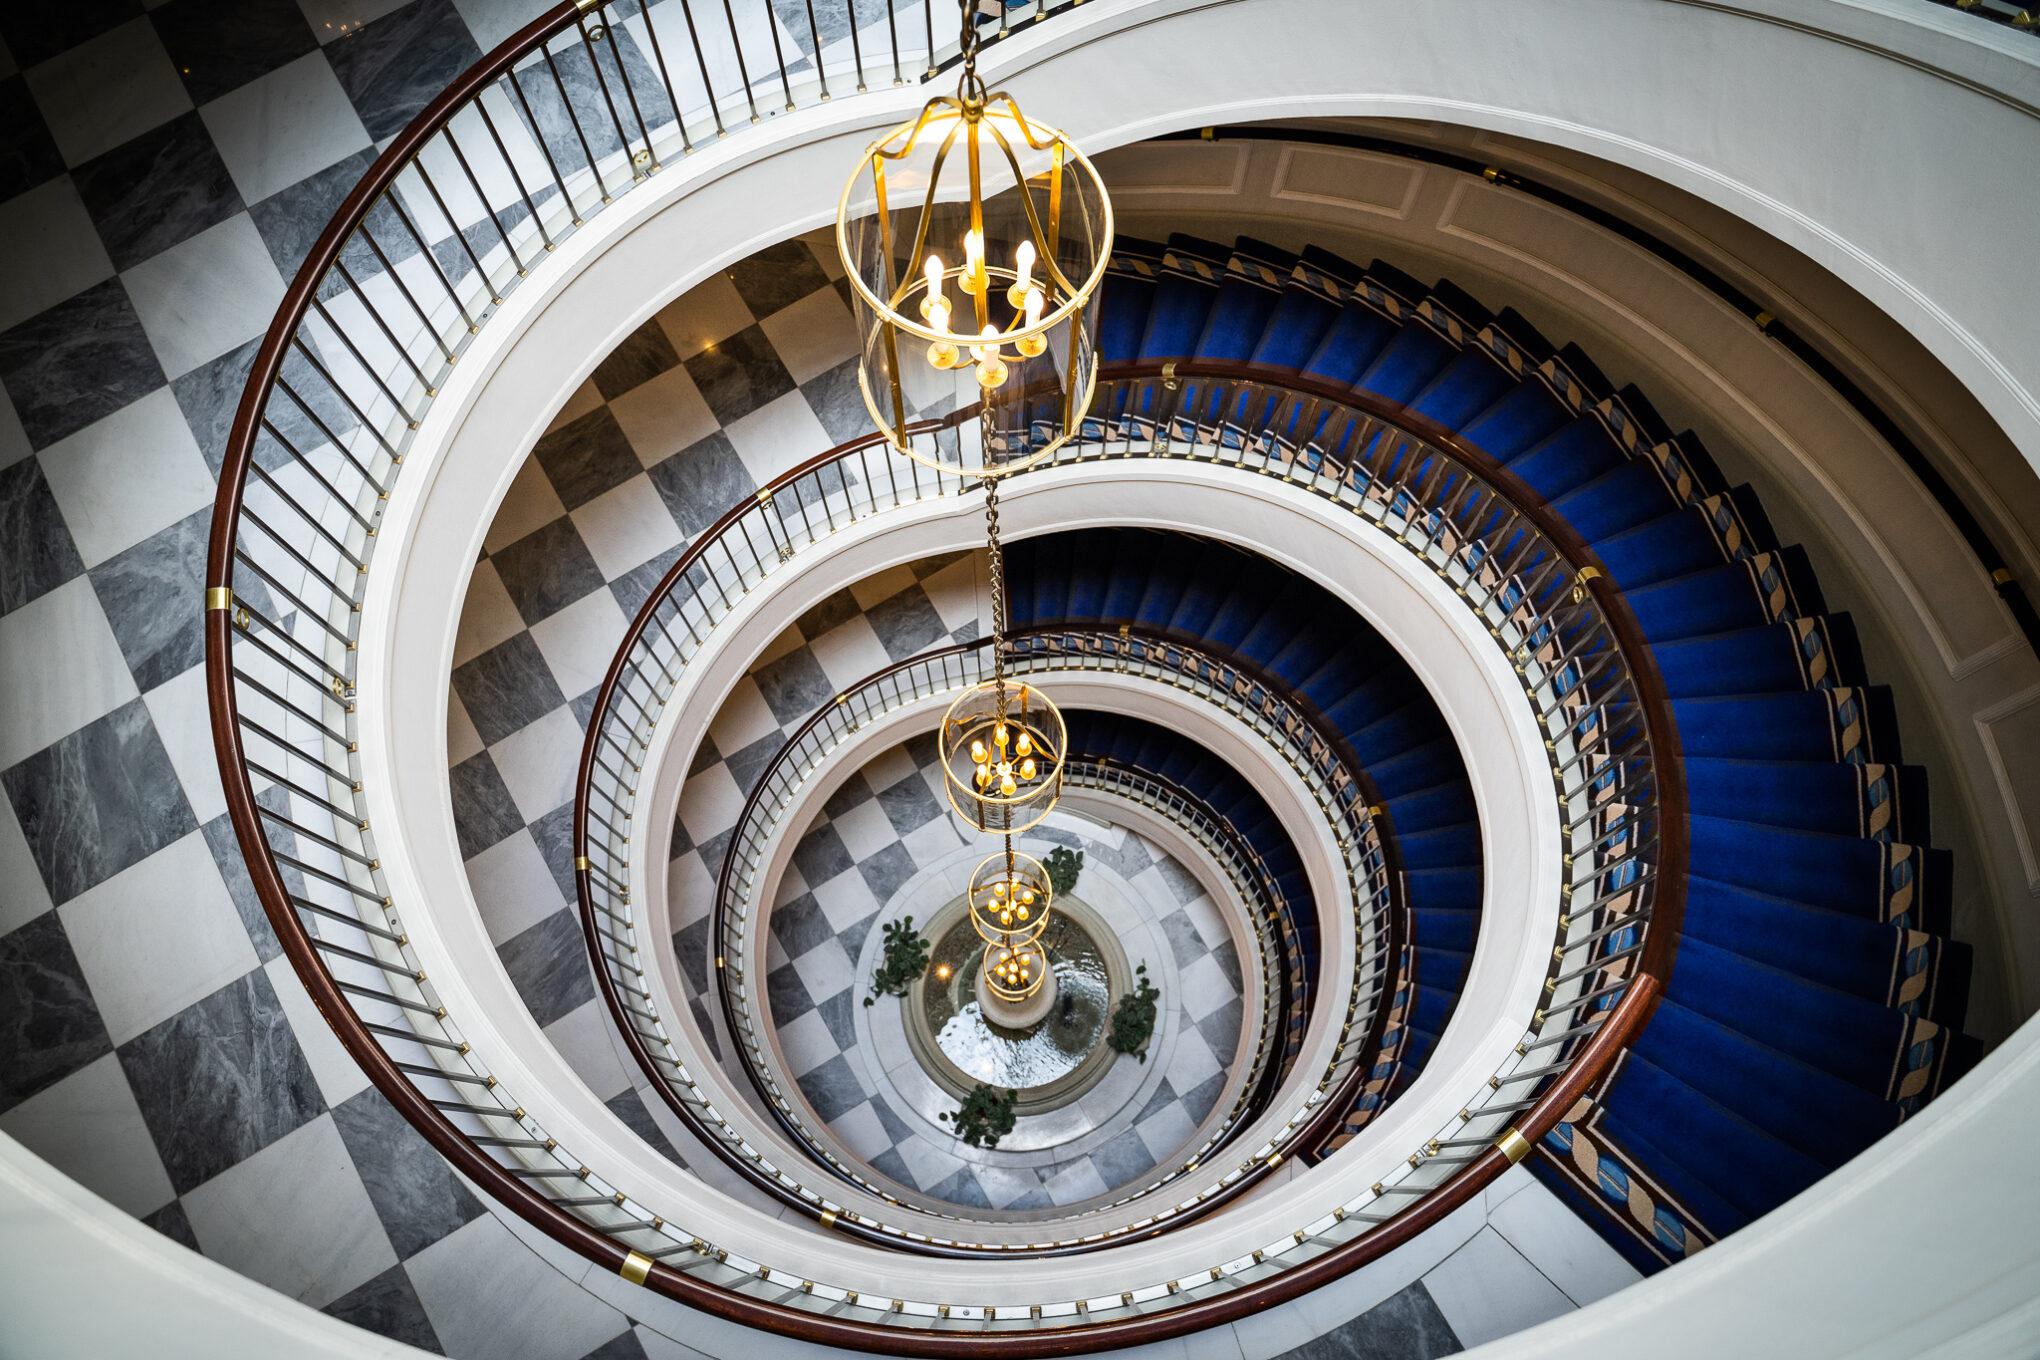 Excelsior Hotel Ernst Blick auf das elegante Treppenhaus